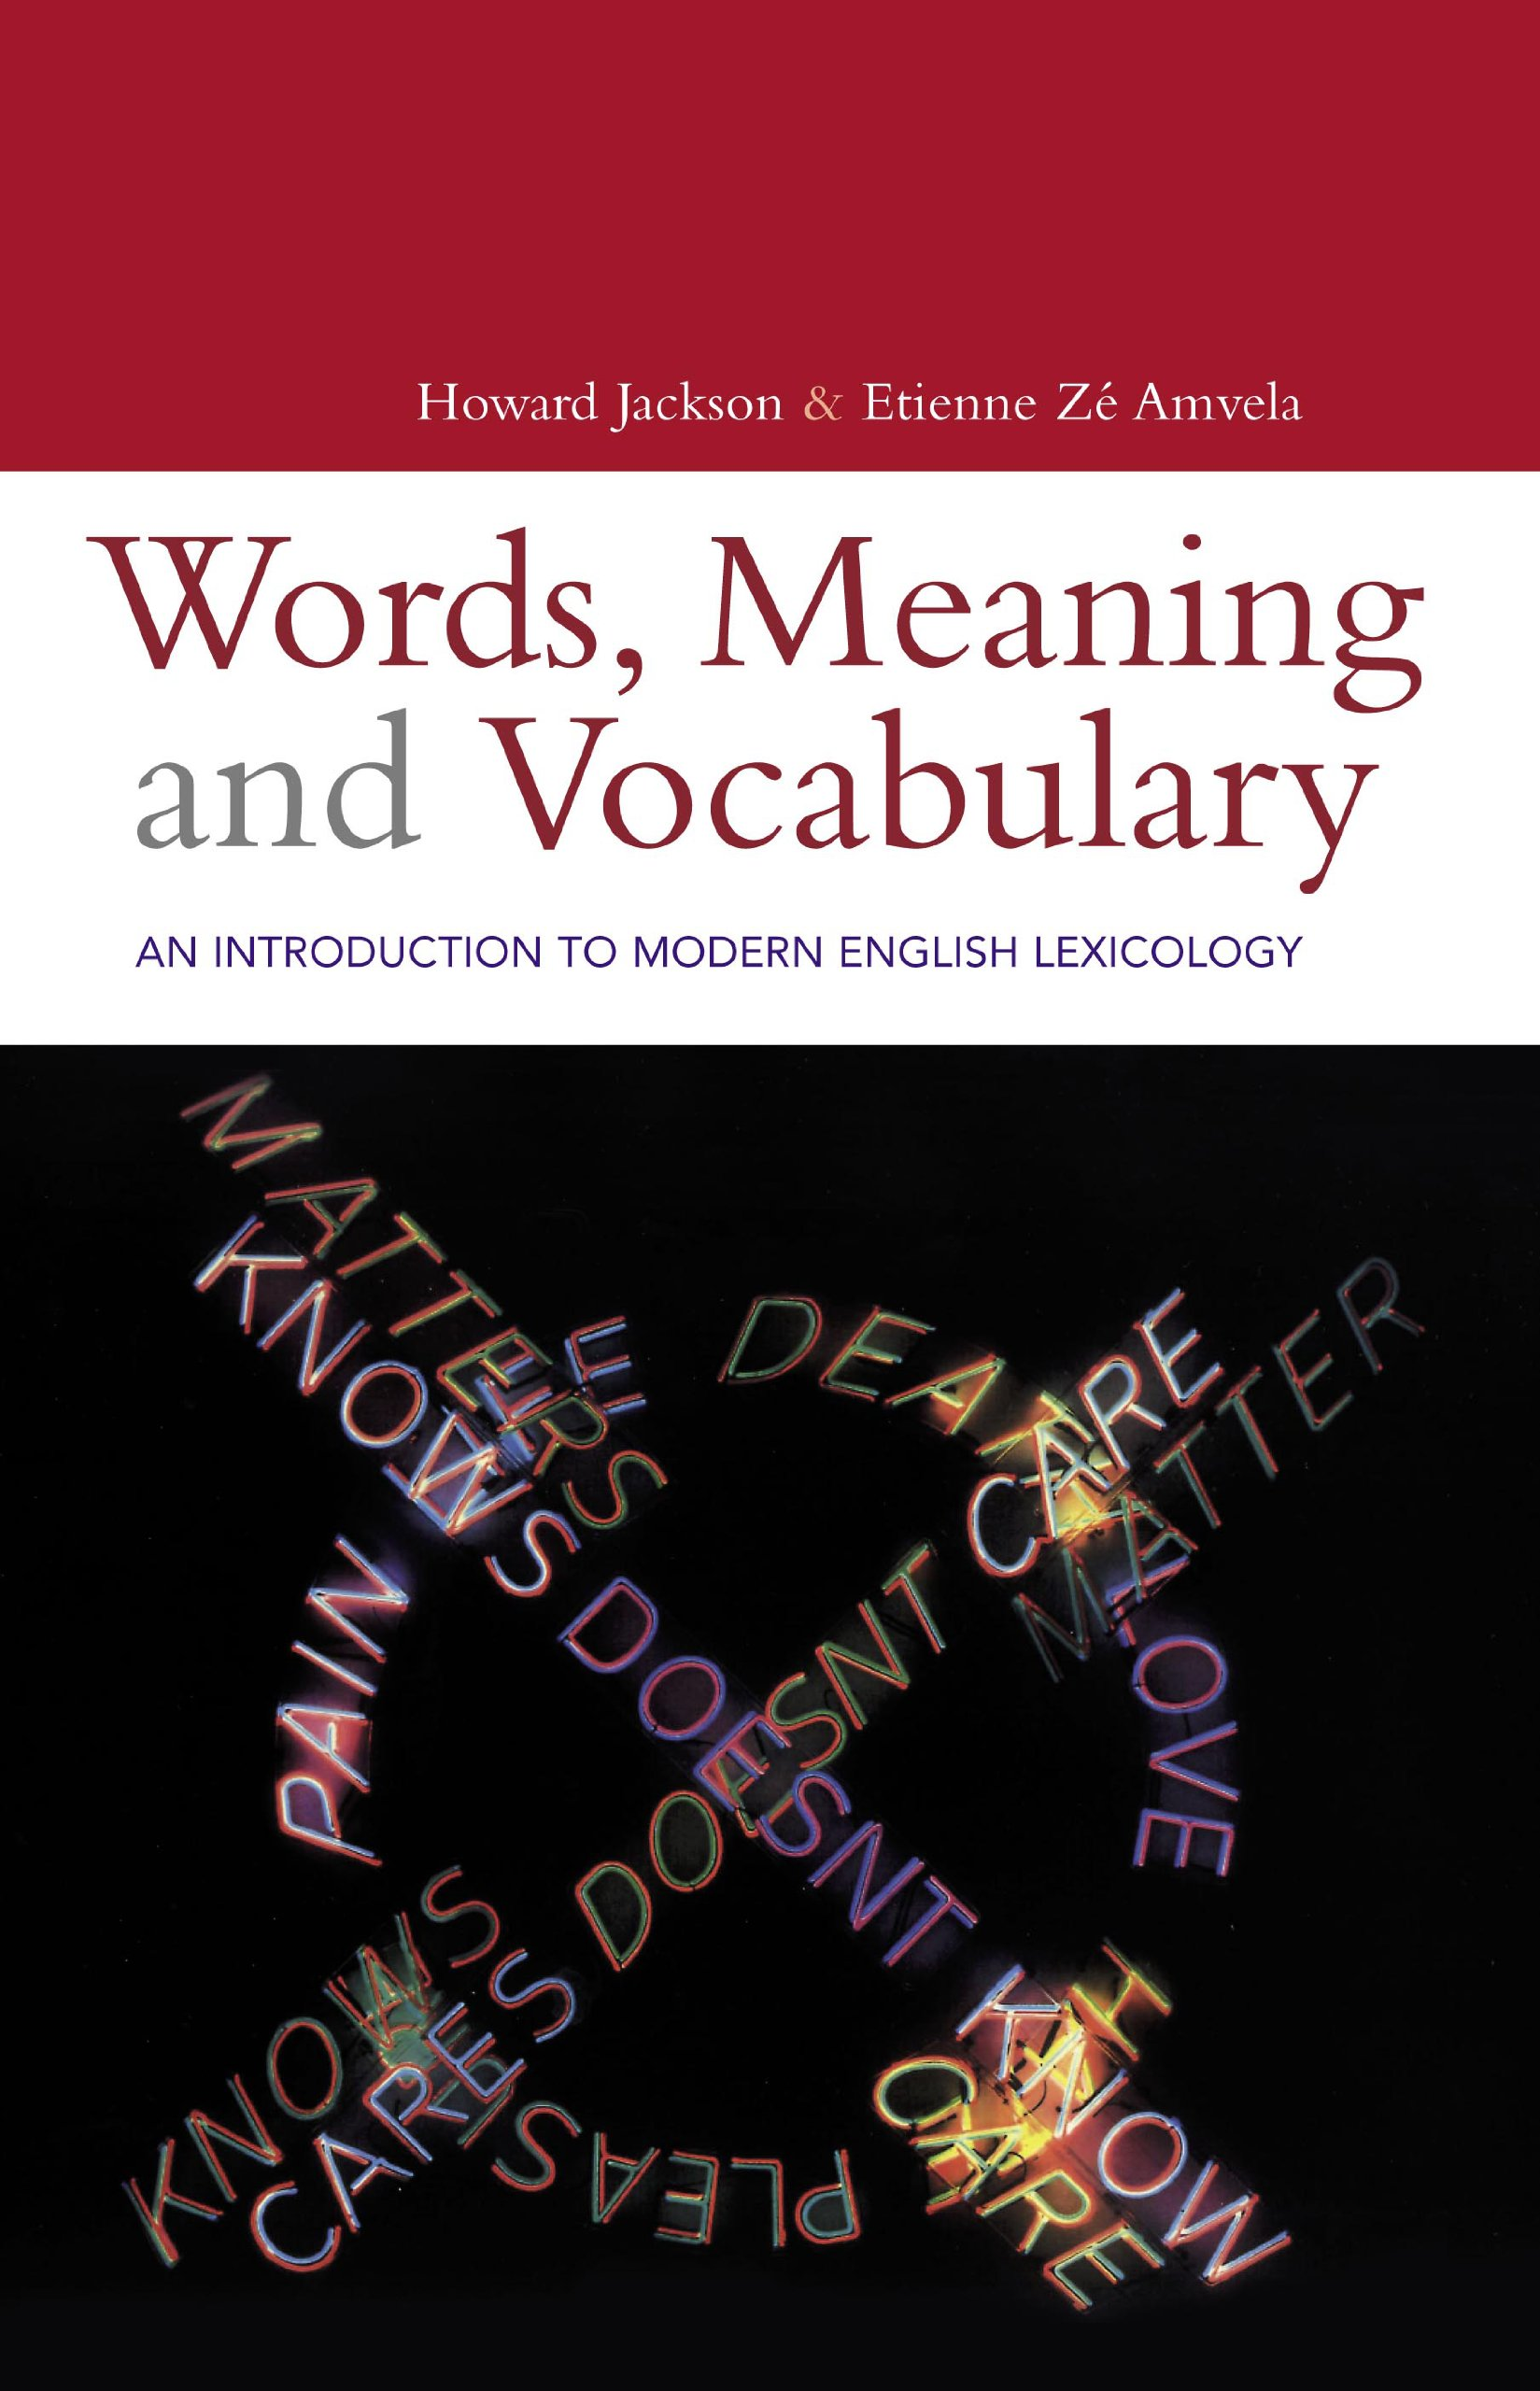 Words, Meaning and Vocabulary (Open Linguistics): Amazon.co.uk: Howard  Jackson, Etienne Ze Amvela: 9780826460967: Books